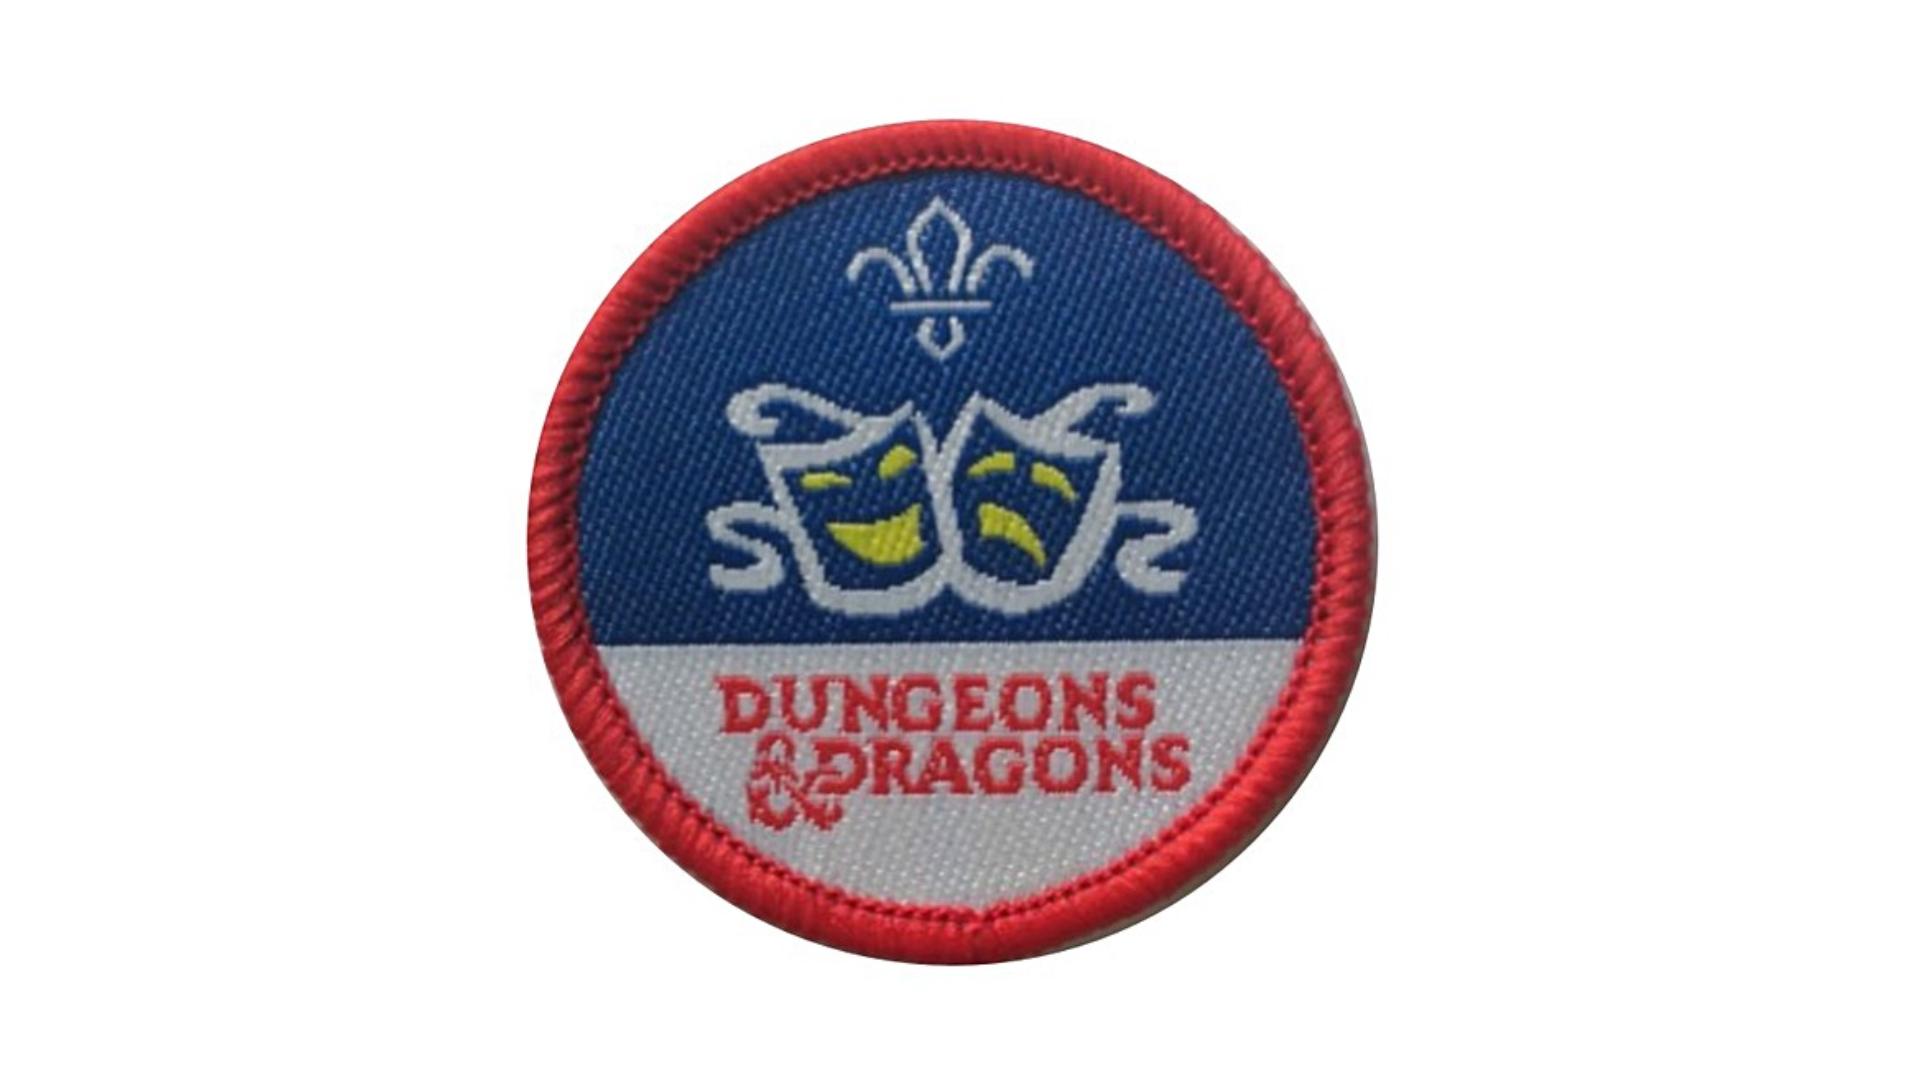 d&d-merit-badge-scouts.png